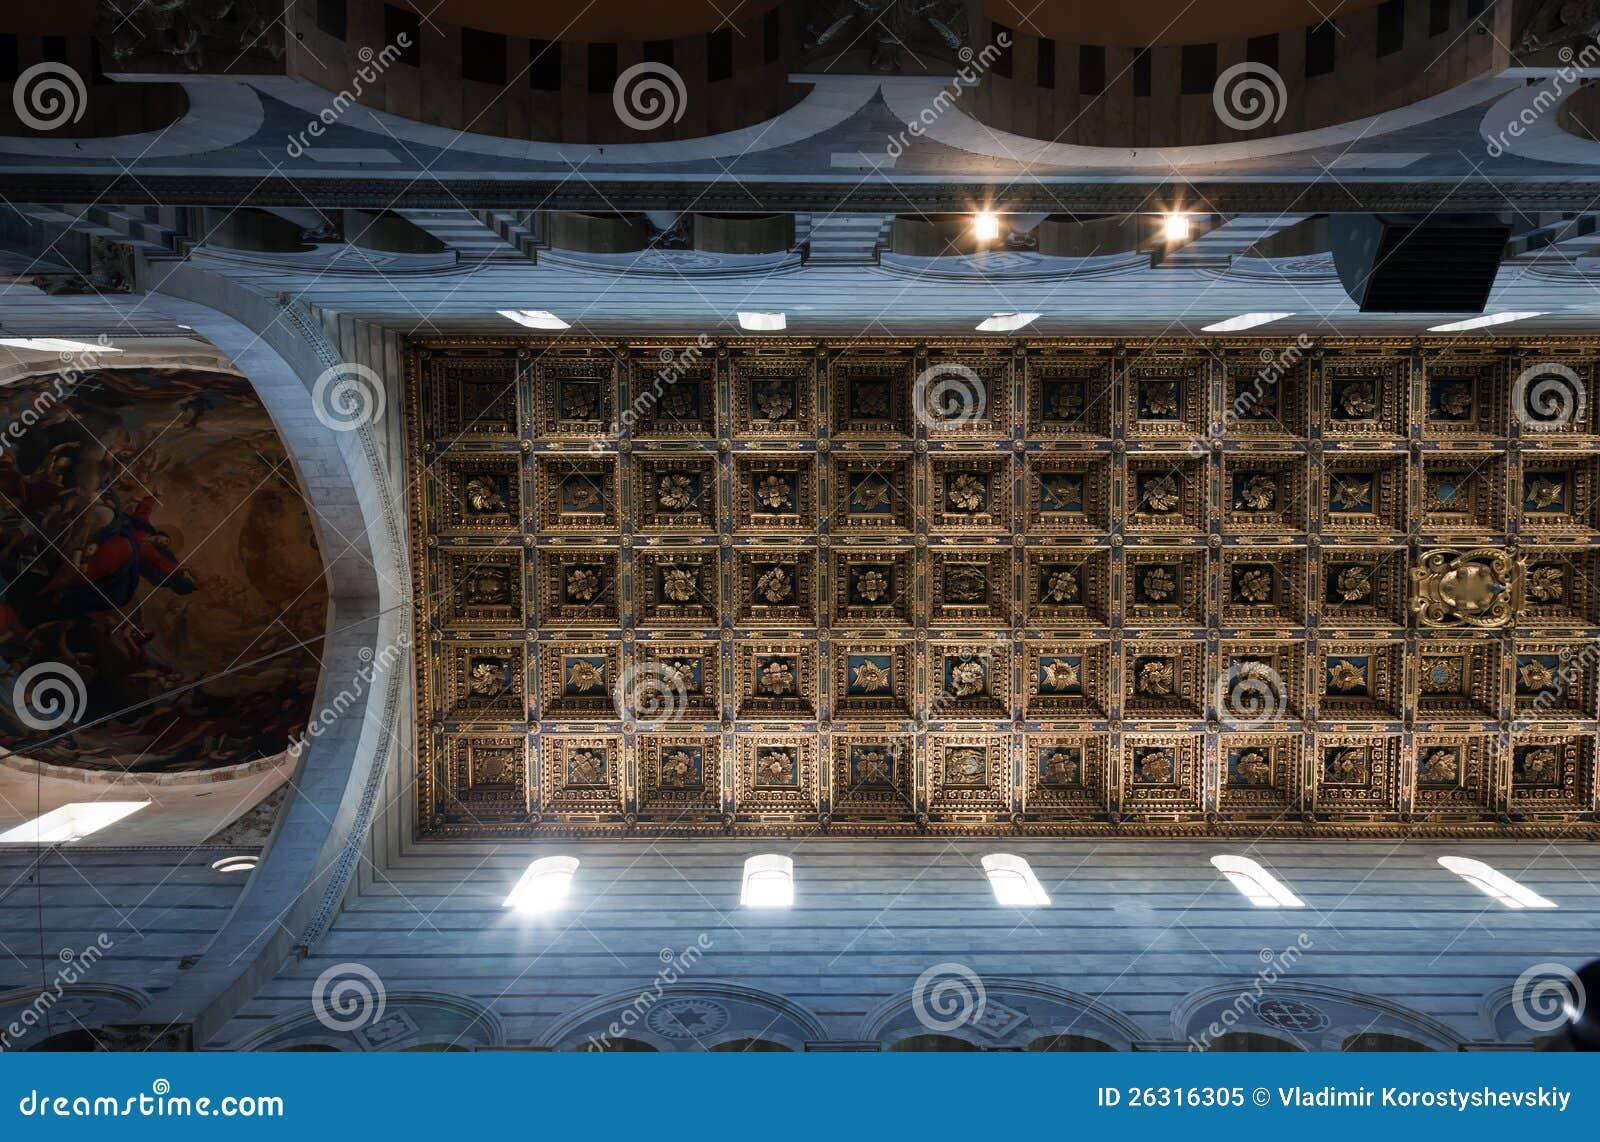 plafond de cath drale de pise photo libre de droits. Black Bedroom Furniture Sets. Home Design Ideas